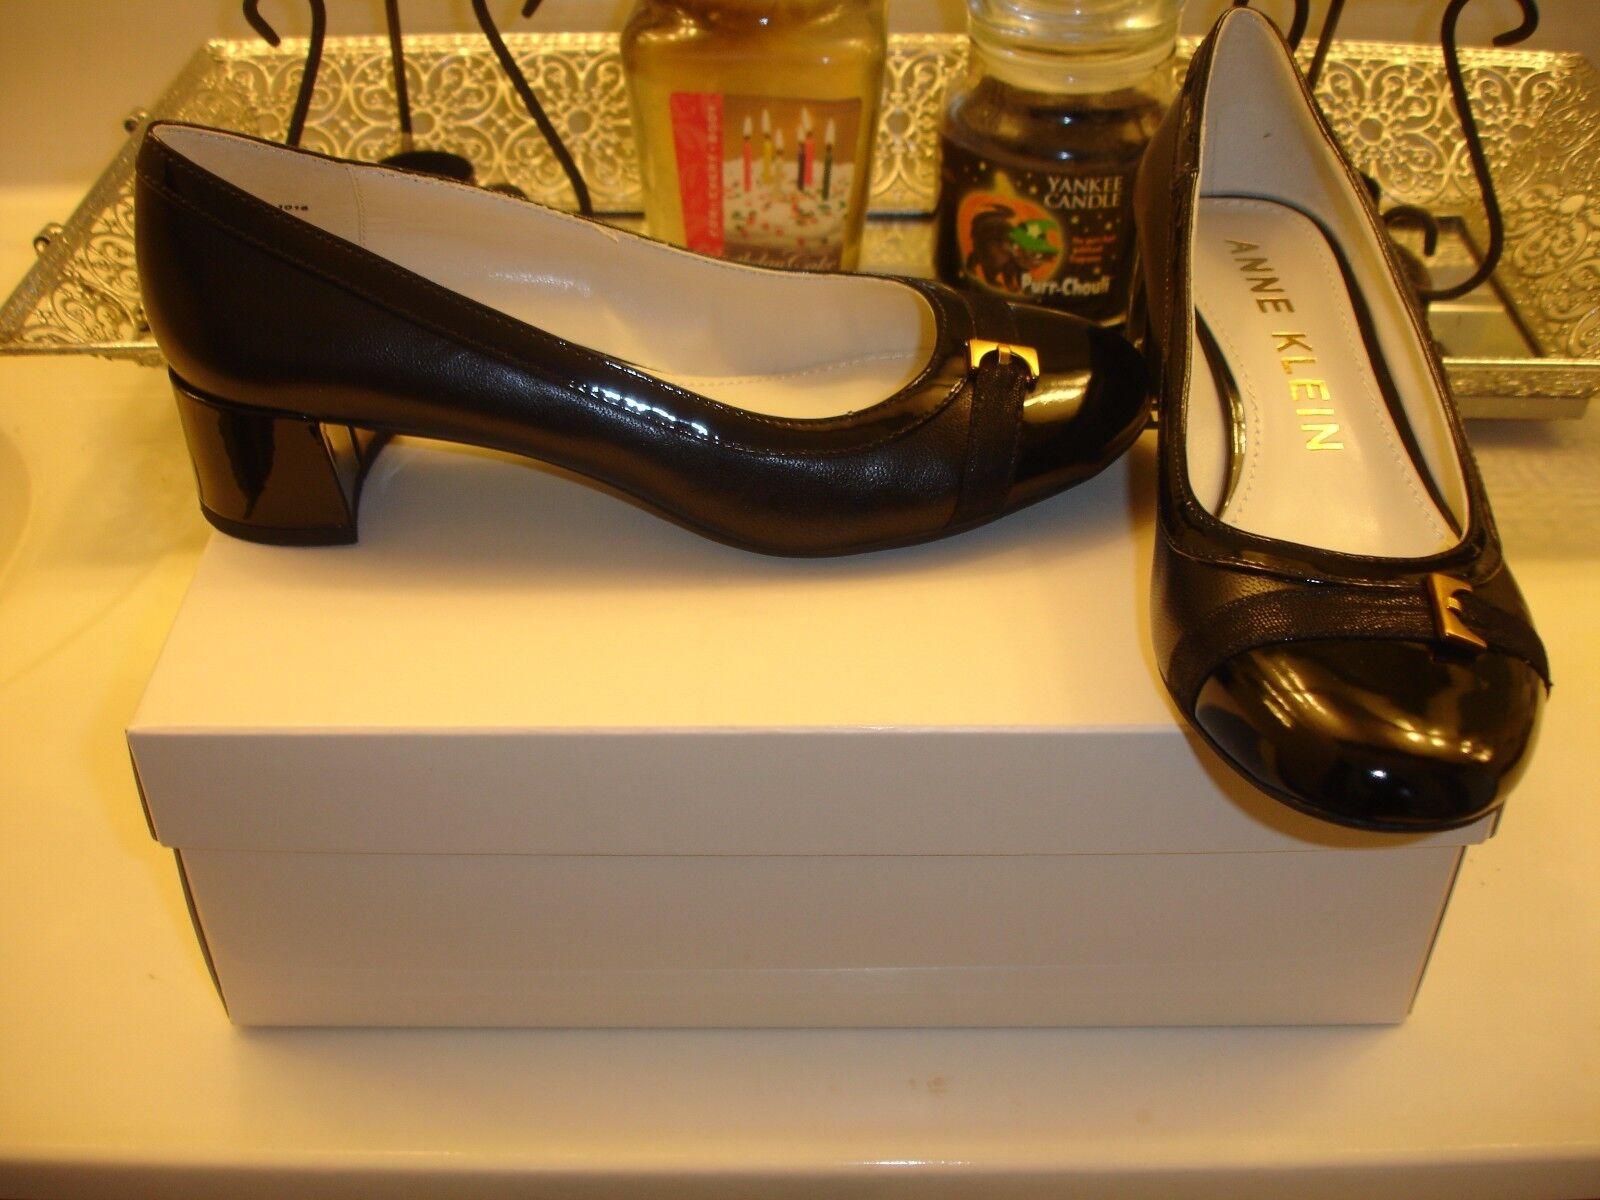 anne klein histina styllish conservateur de cuir 6,5 noir 6,5 cuir 7 90 qualit 89ba7a